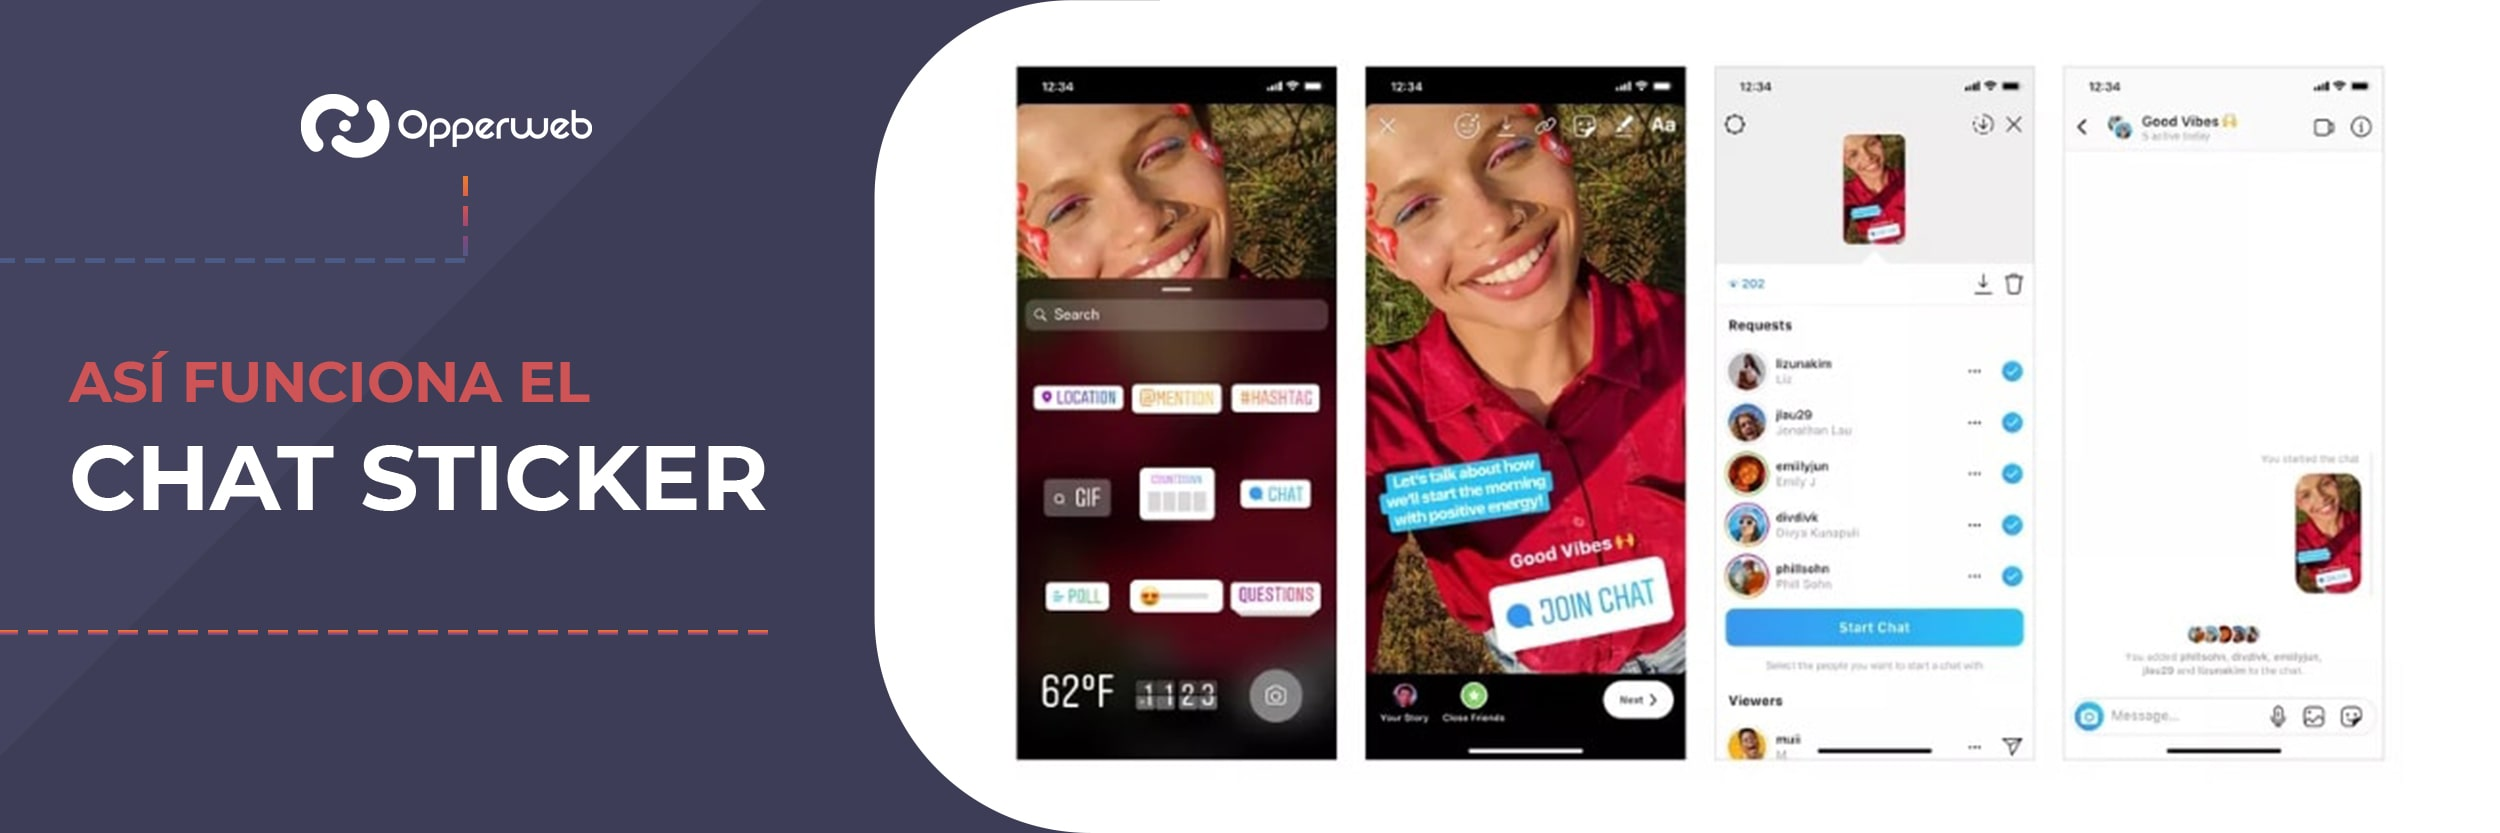 funcionamiento del chat sticker de instagram